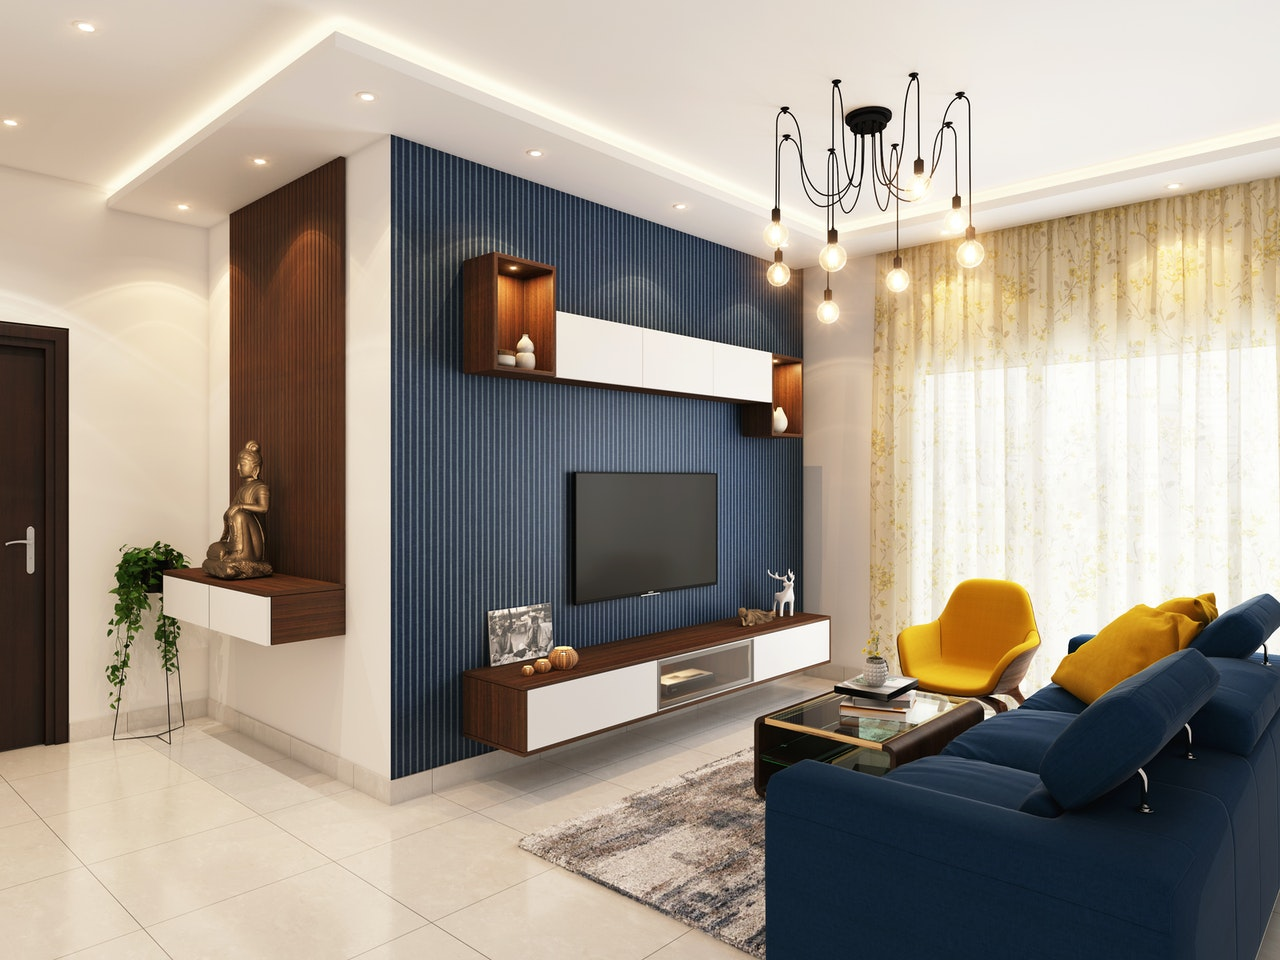 décoration intérieure : 5 éléments fondamentaux